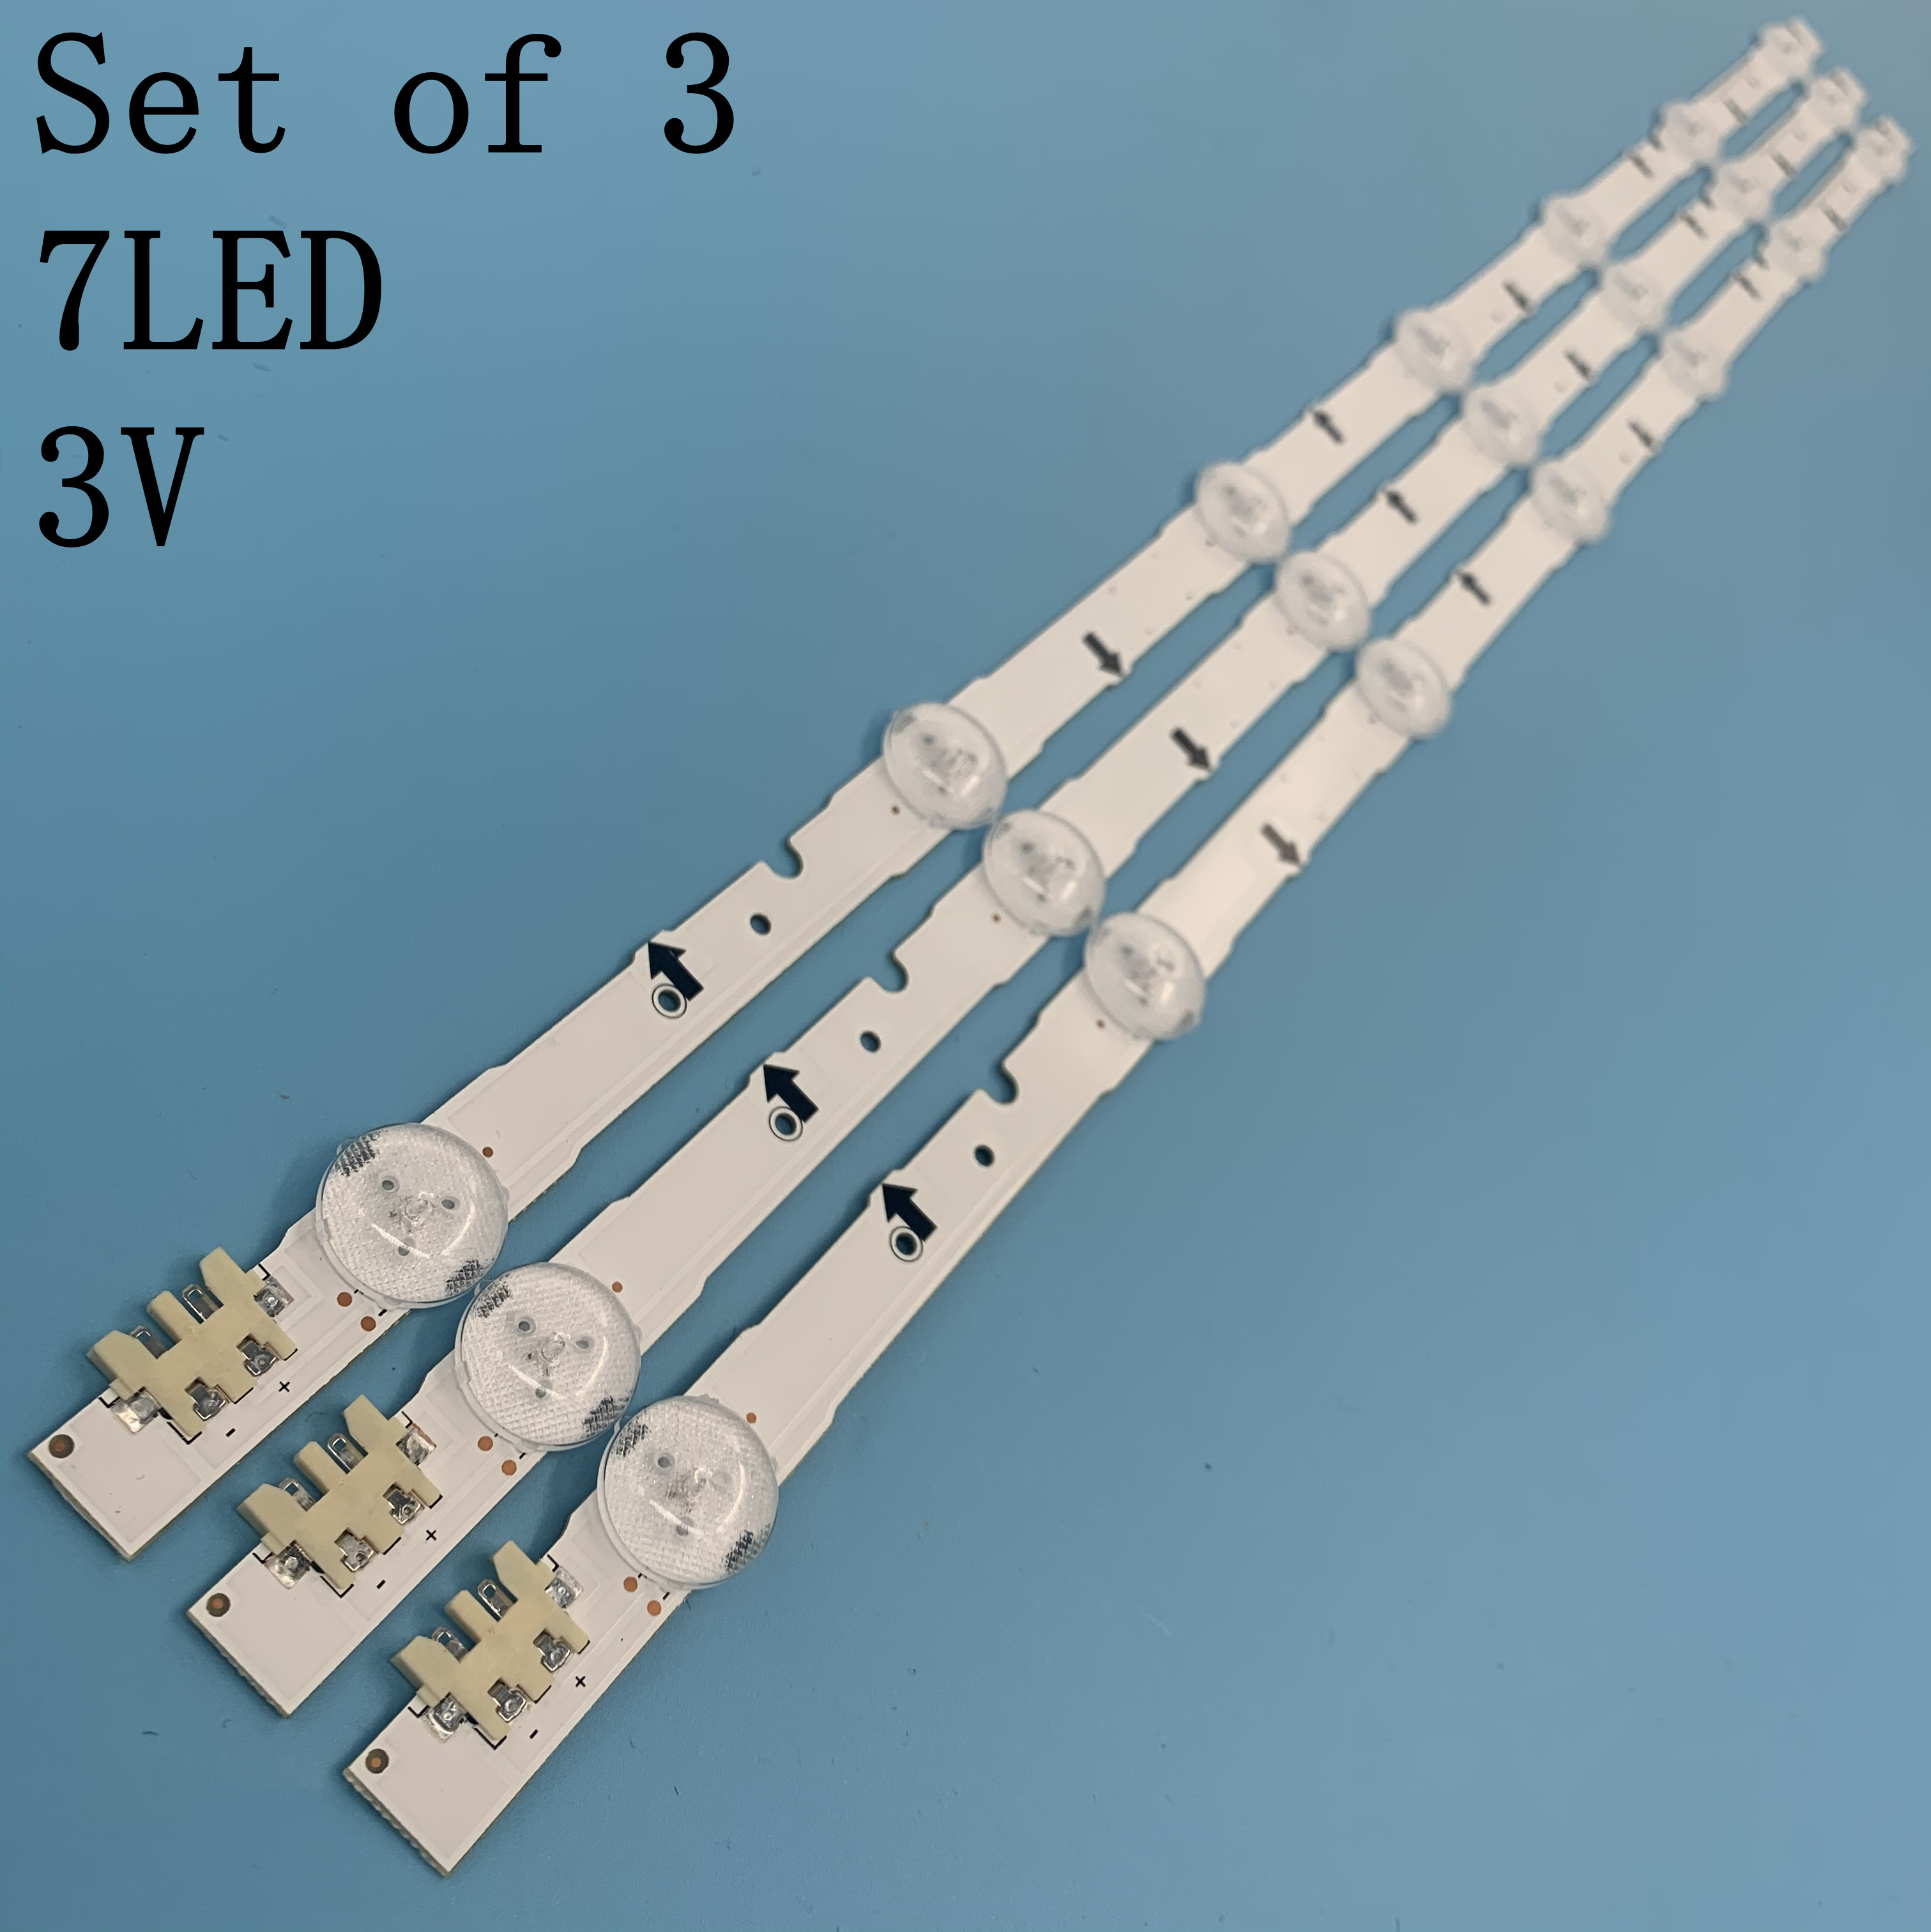 """LED Backlight Strip 7 Lamp For Samsung32""""TV 2014SVS32HD D4GE-320DC0-R3 CY-HH032AGLV2H UW32h4000 LM41-00041L UE32H4000 UE32H4500"""